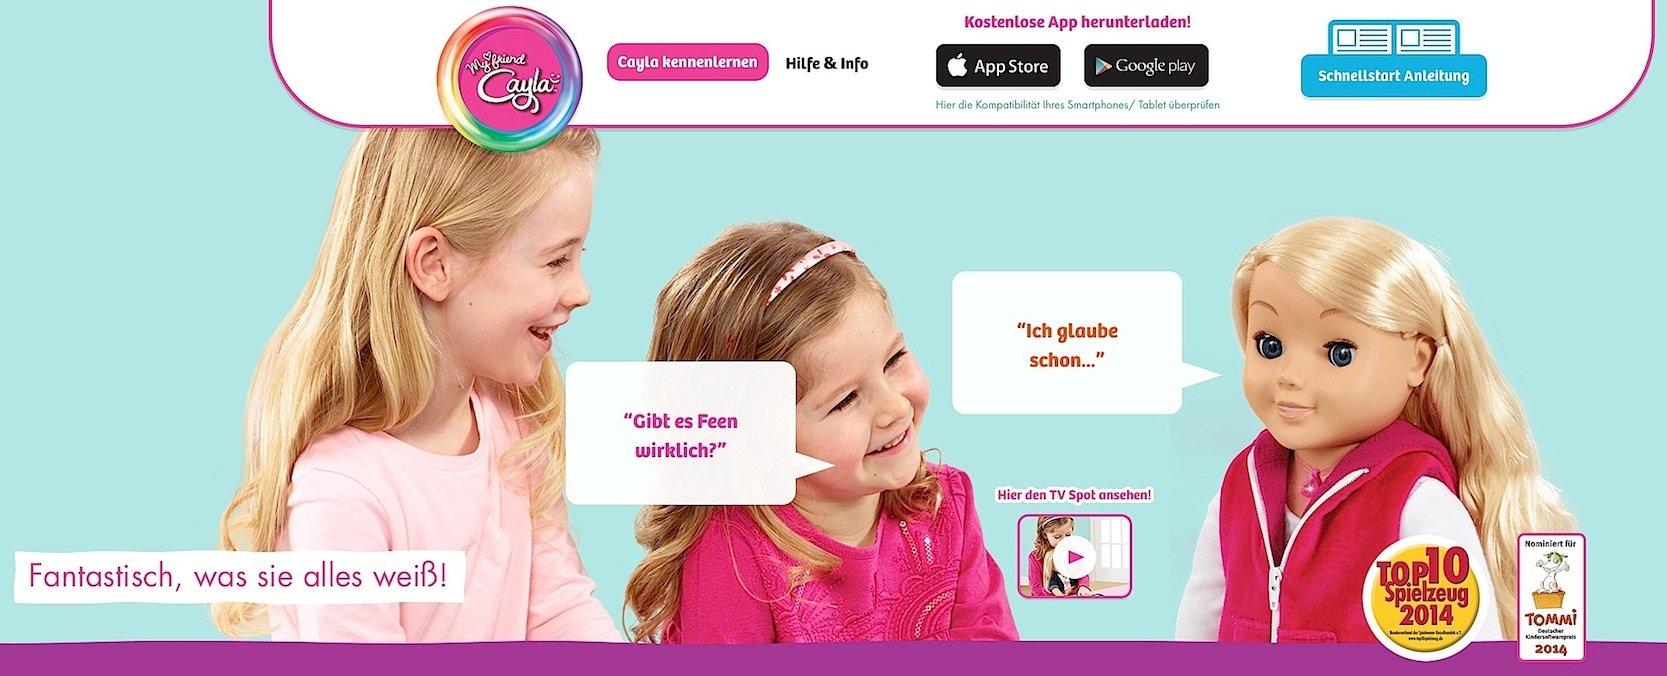 Die Kinder können mit ihrer Puppe auch sprechen. Und Cayla antwortet sogar und zieht dafür ihr Wissen aus dem Internet.